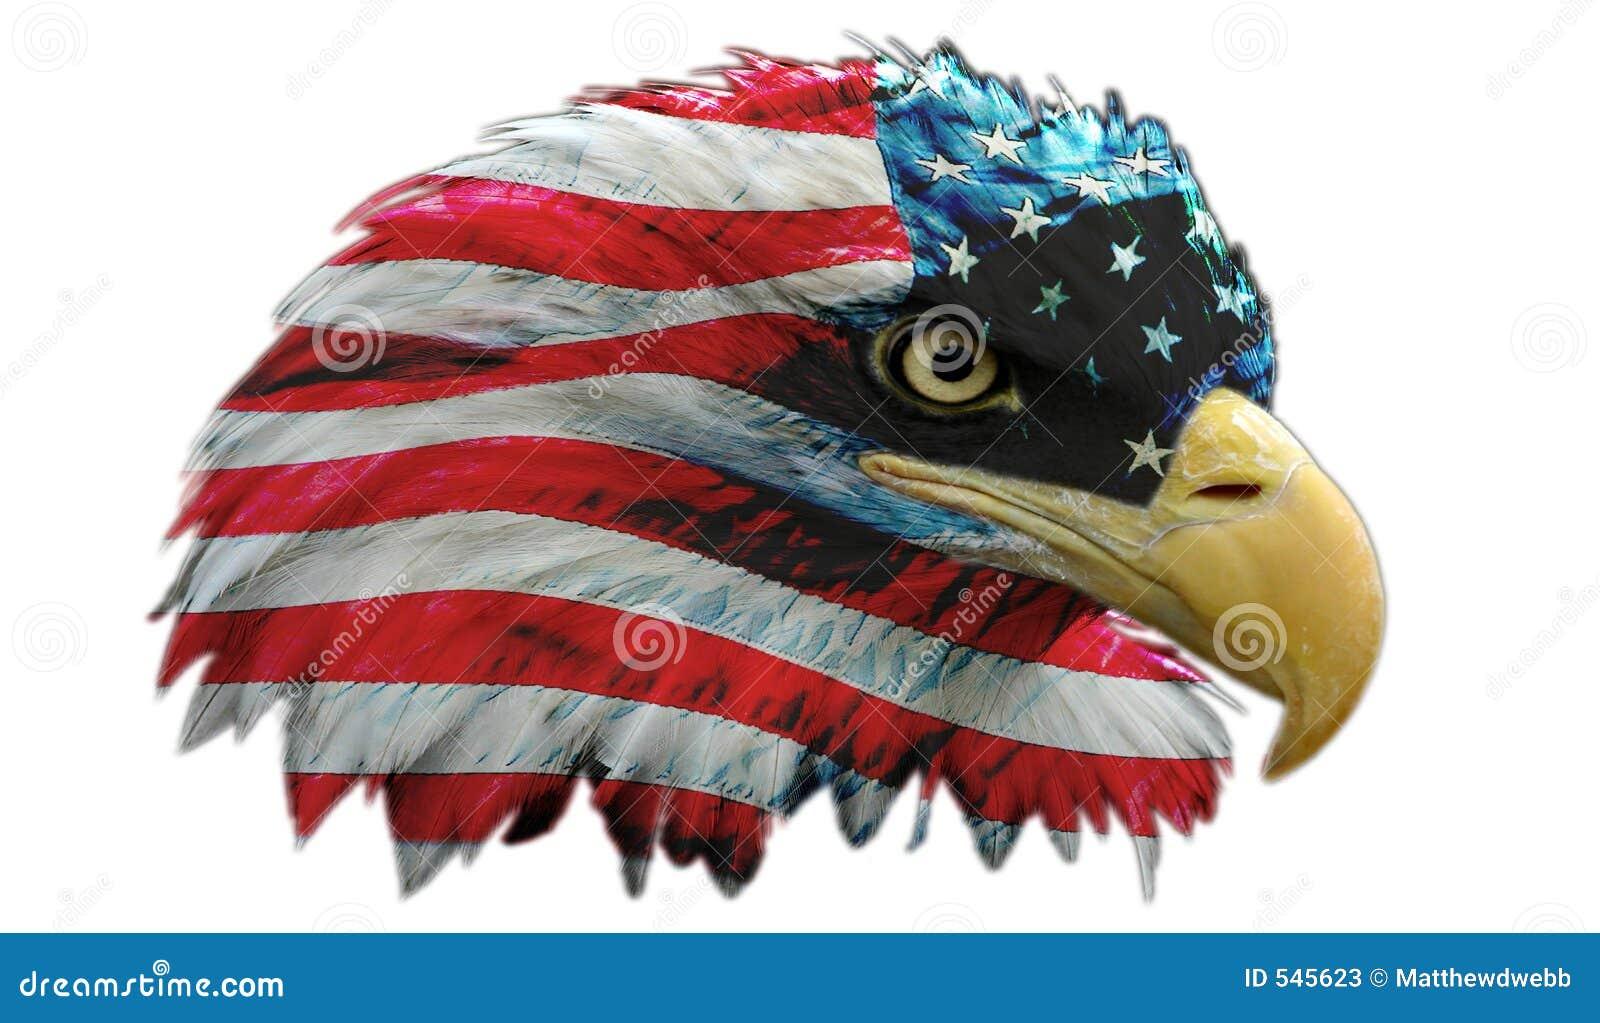 Download 实际美国的英雄 库存例证. 插画 包括有 标志, 海军陆战队员, 大使, 军事, 亚马逊, 扶手, 强制, 爱国 - 545623